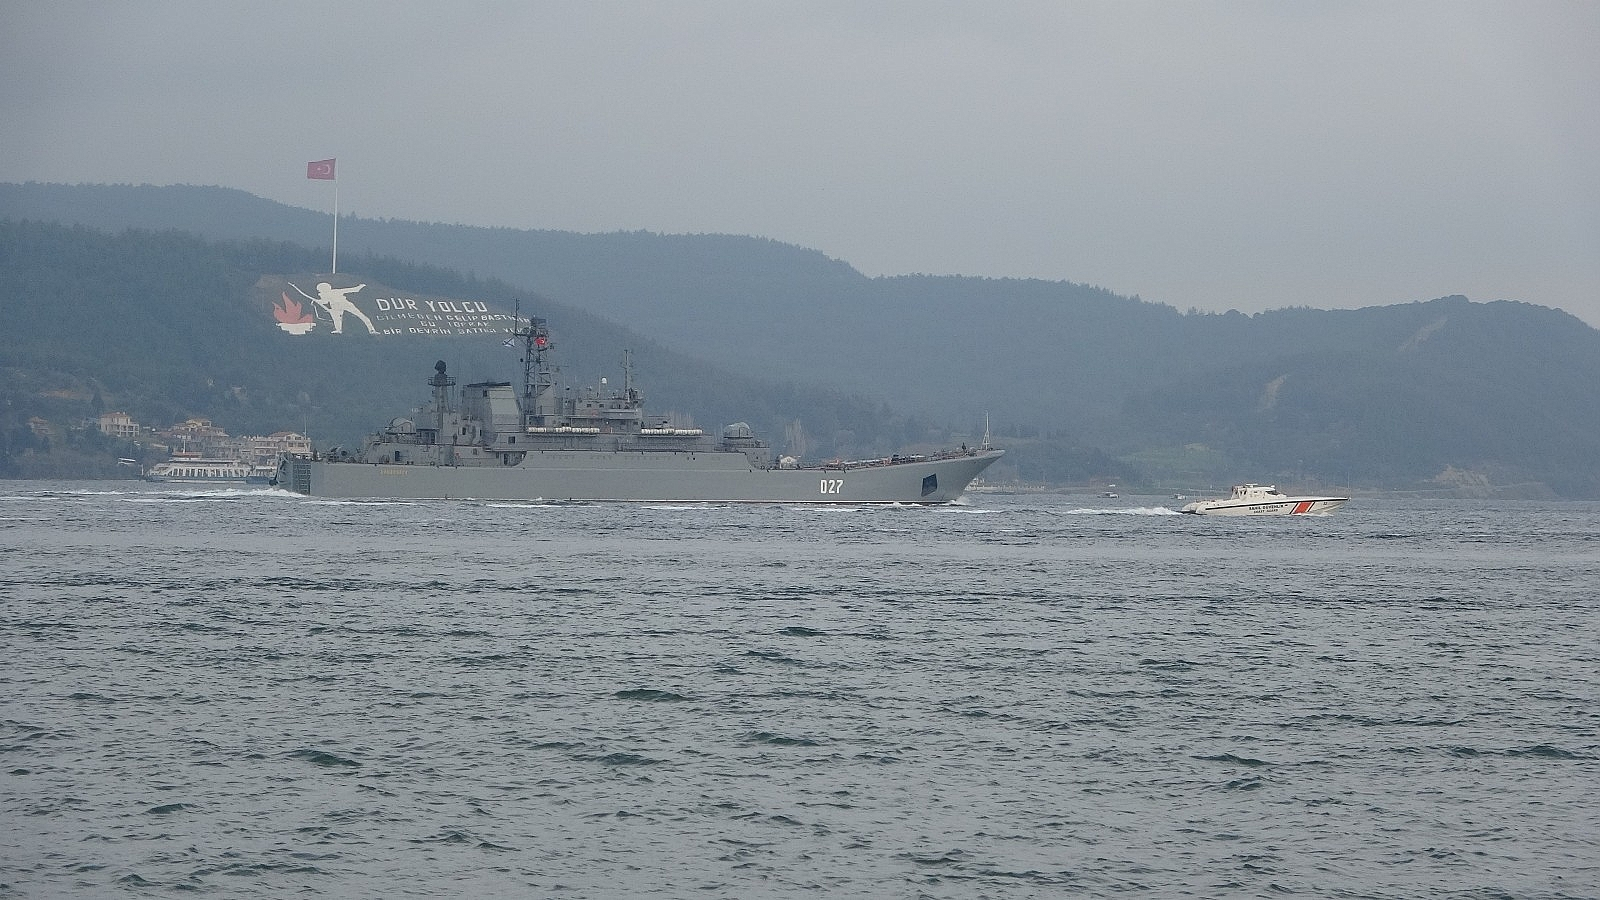 2021/04/rusya-gemilerini-karadenize-cekiyor-iki-savas-gemisi-canakkaleden-gecti-20210416AW29-1.jpg